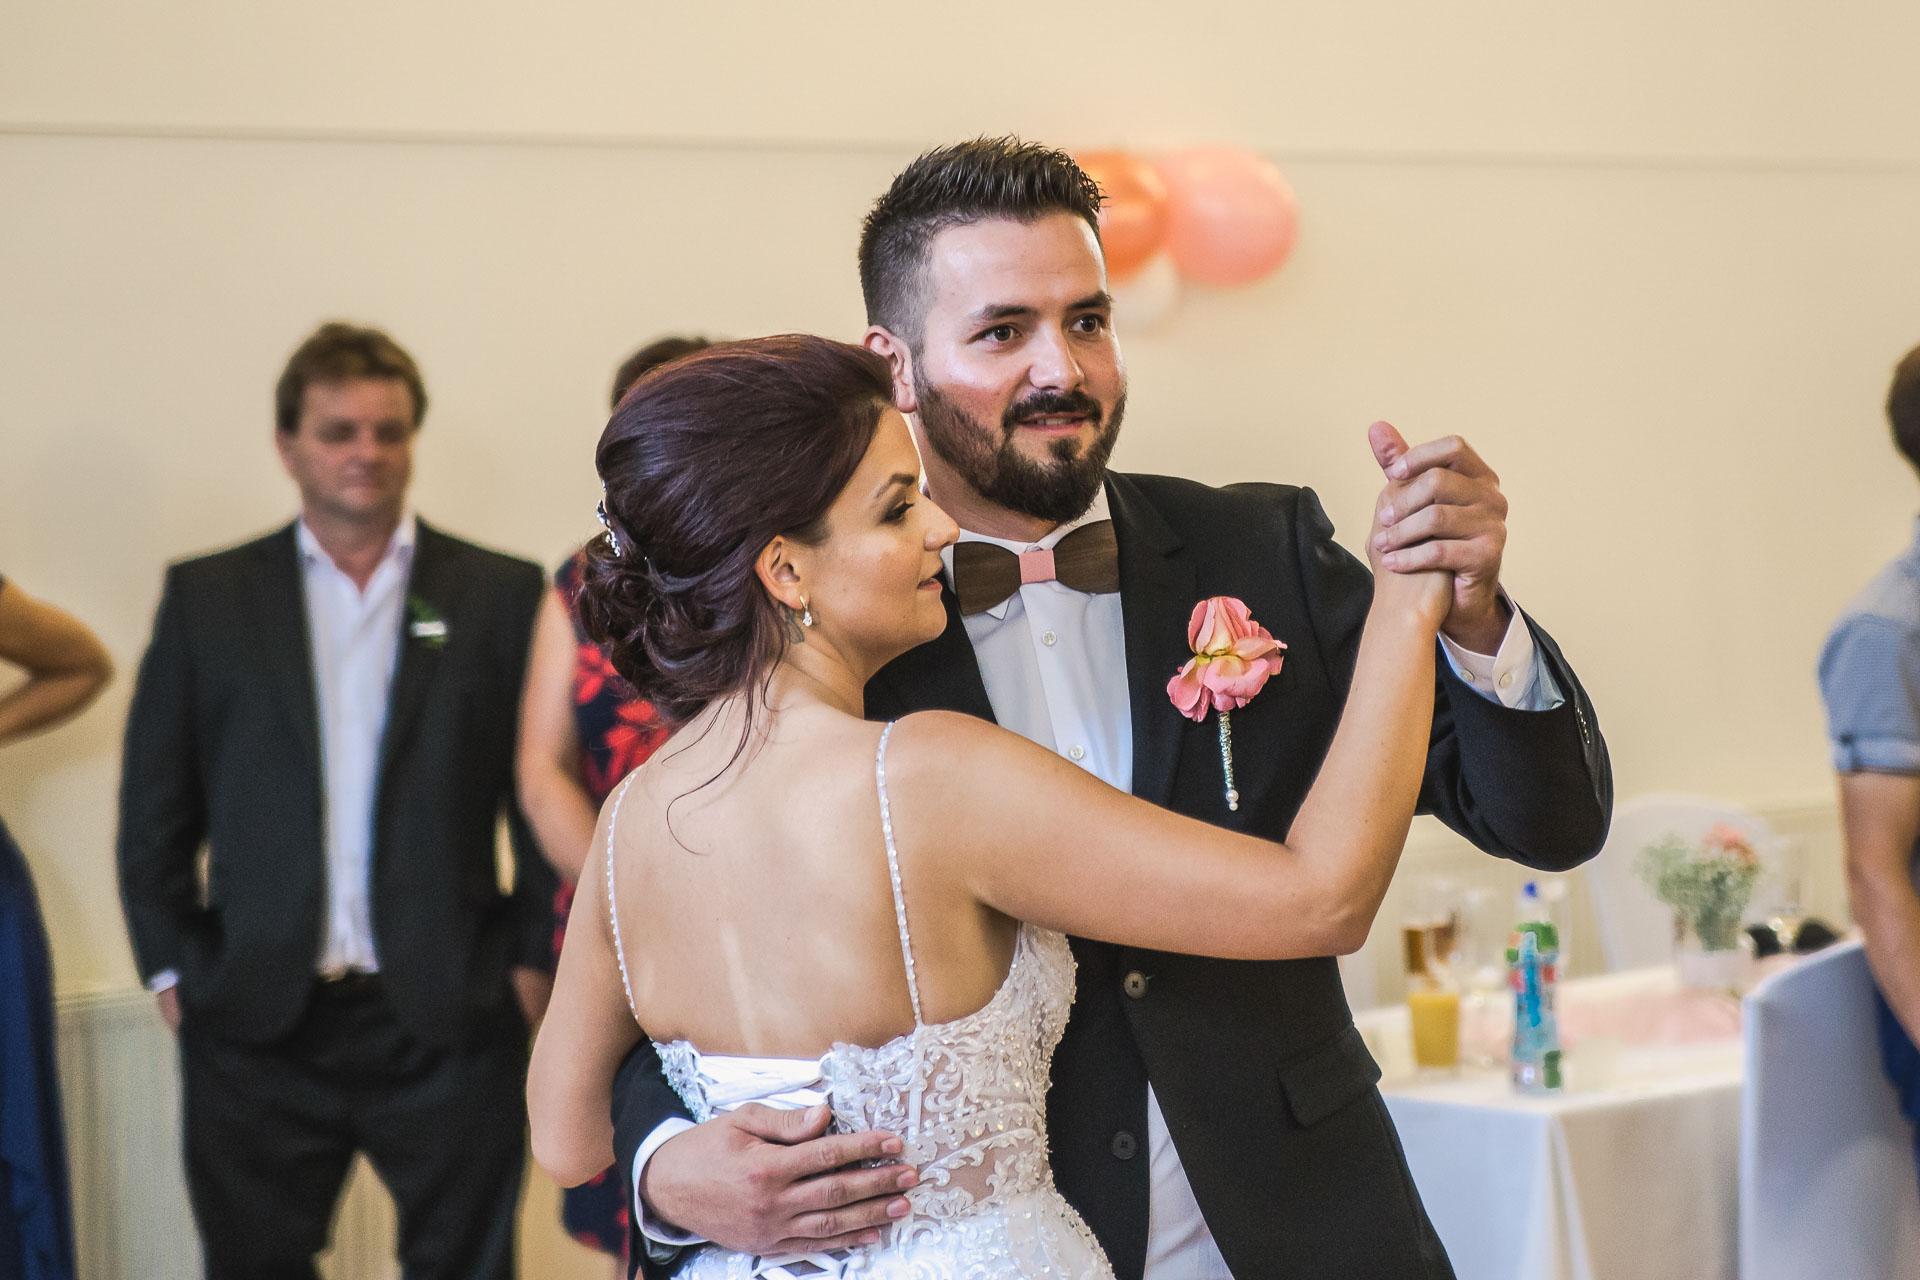 svatební-fotografie-Říp-svatební-video-ŘÍP-svatební-fotograf-ŘÍP-svatba-Mělník-svatba-Neratovice-fotograf-na-savtbu-kameraman-na-svatbu-277